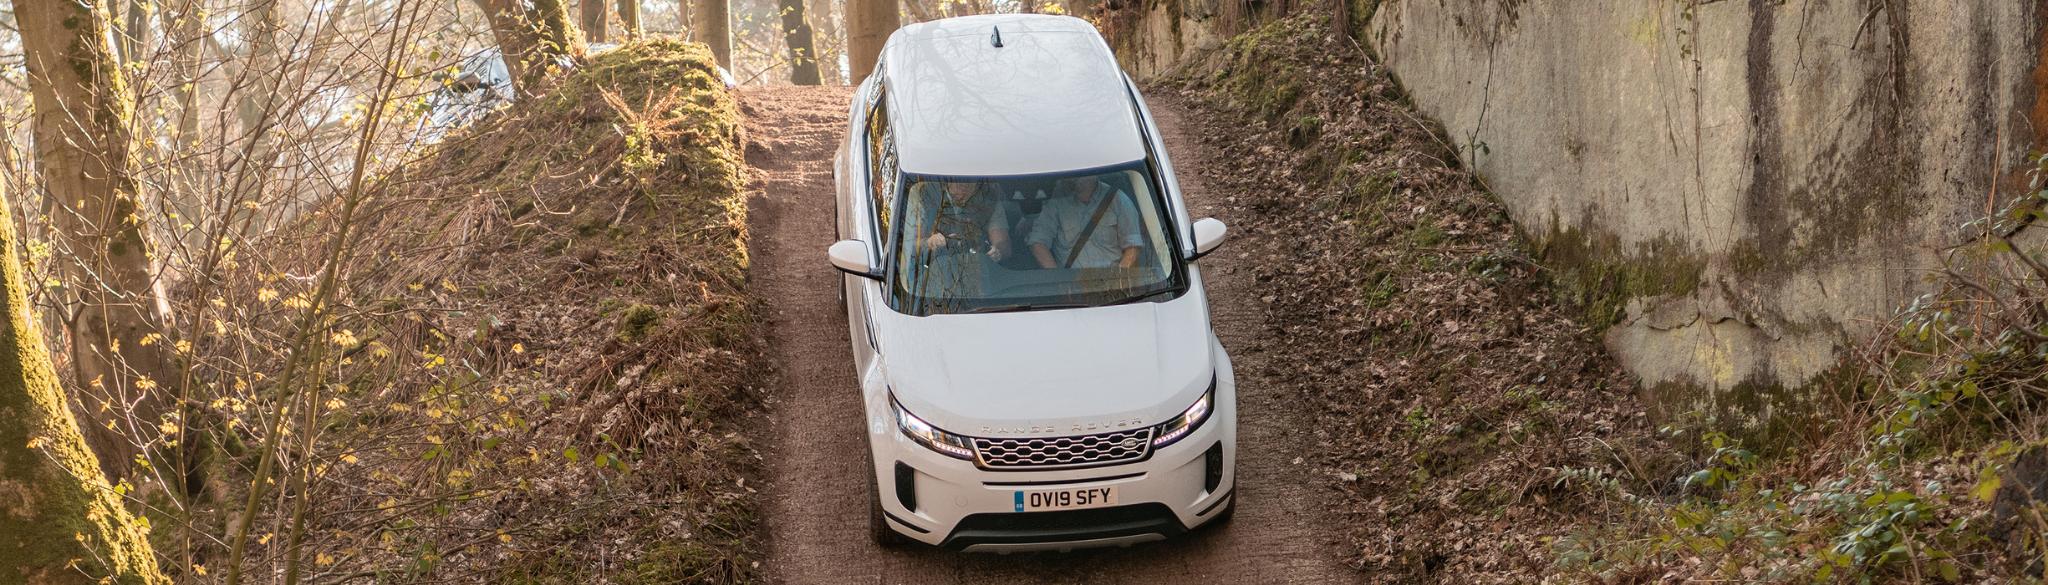 Range Rover Evoque Downhill Steep